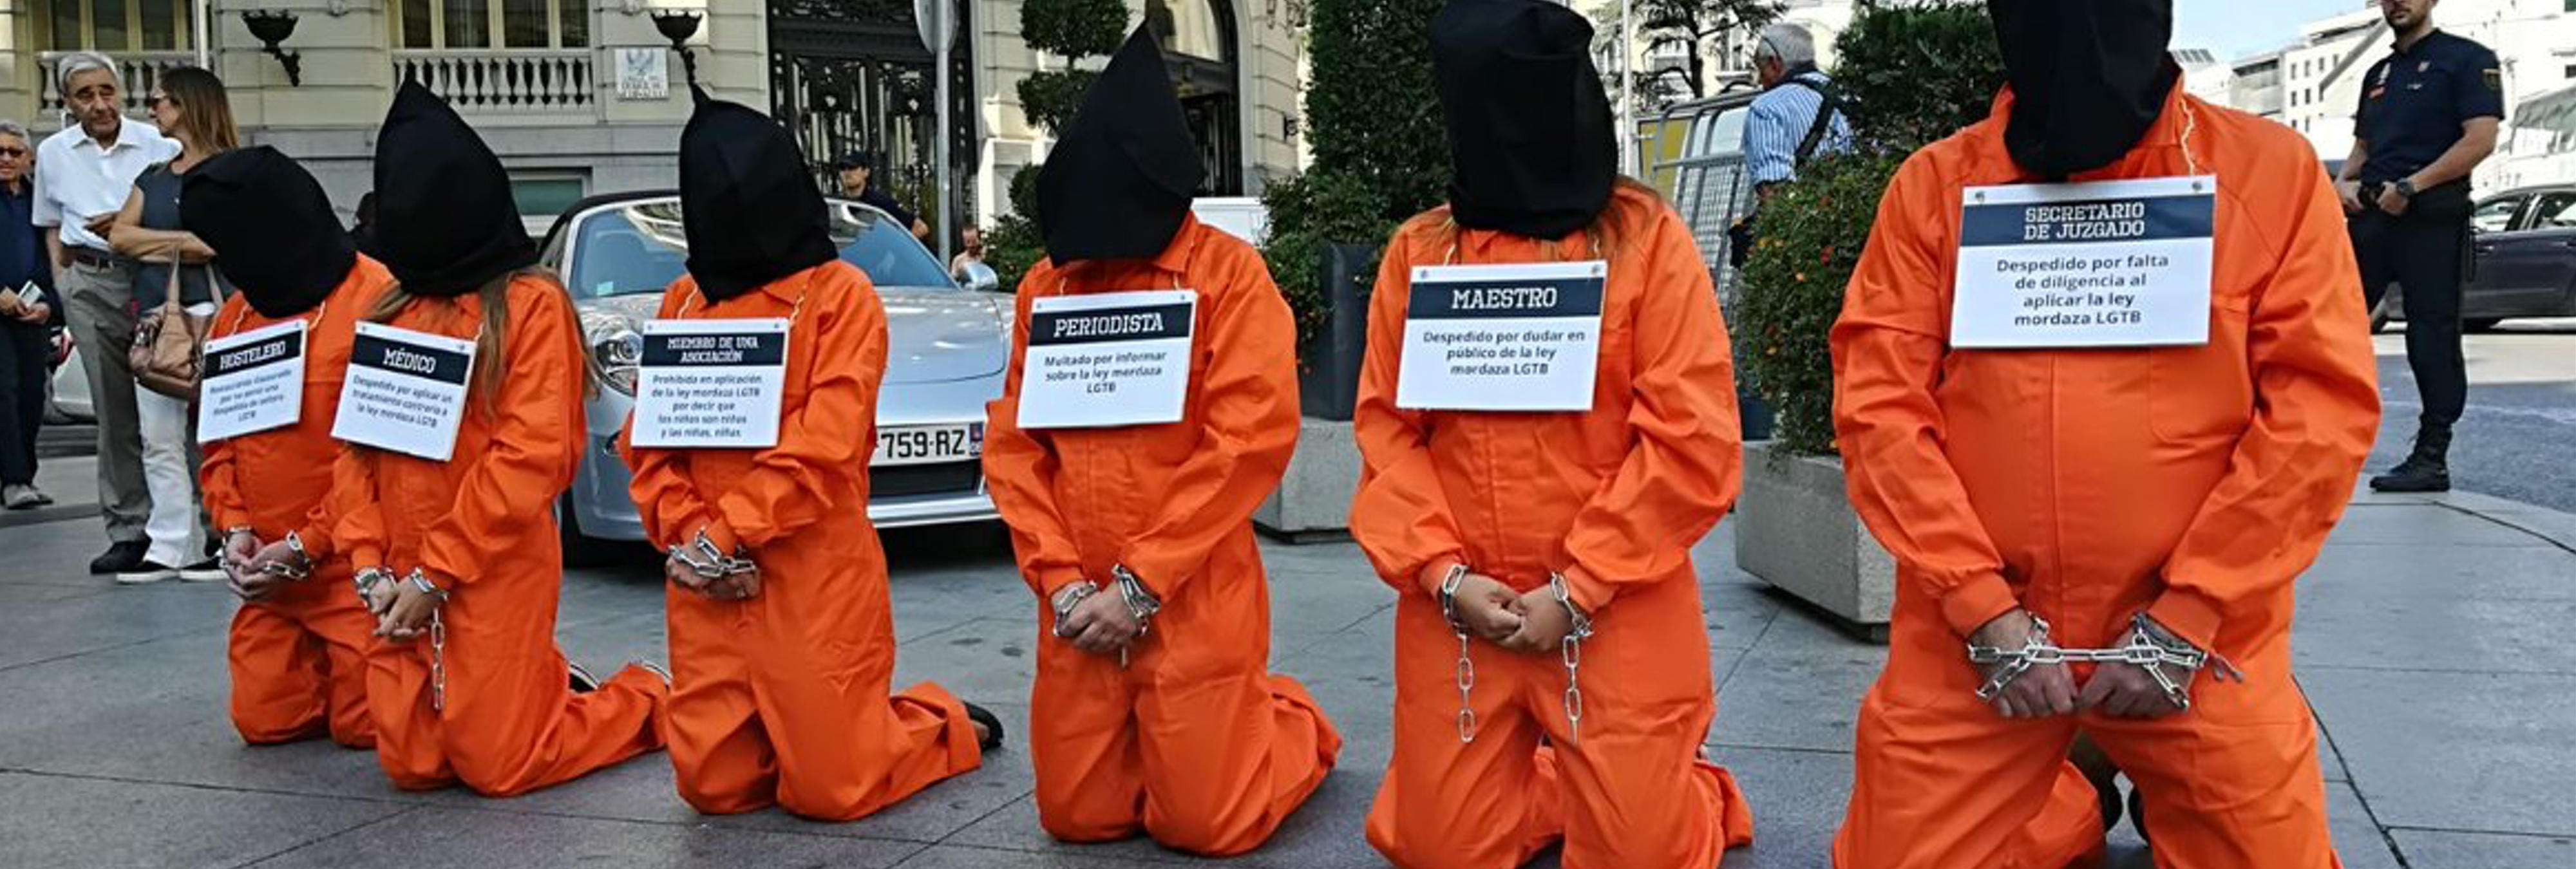 """Hazte Oír utiliza """"presos"""" de Guantánamo y lanza un nuevo bus contra el colectivo LGTBI"""